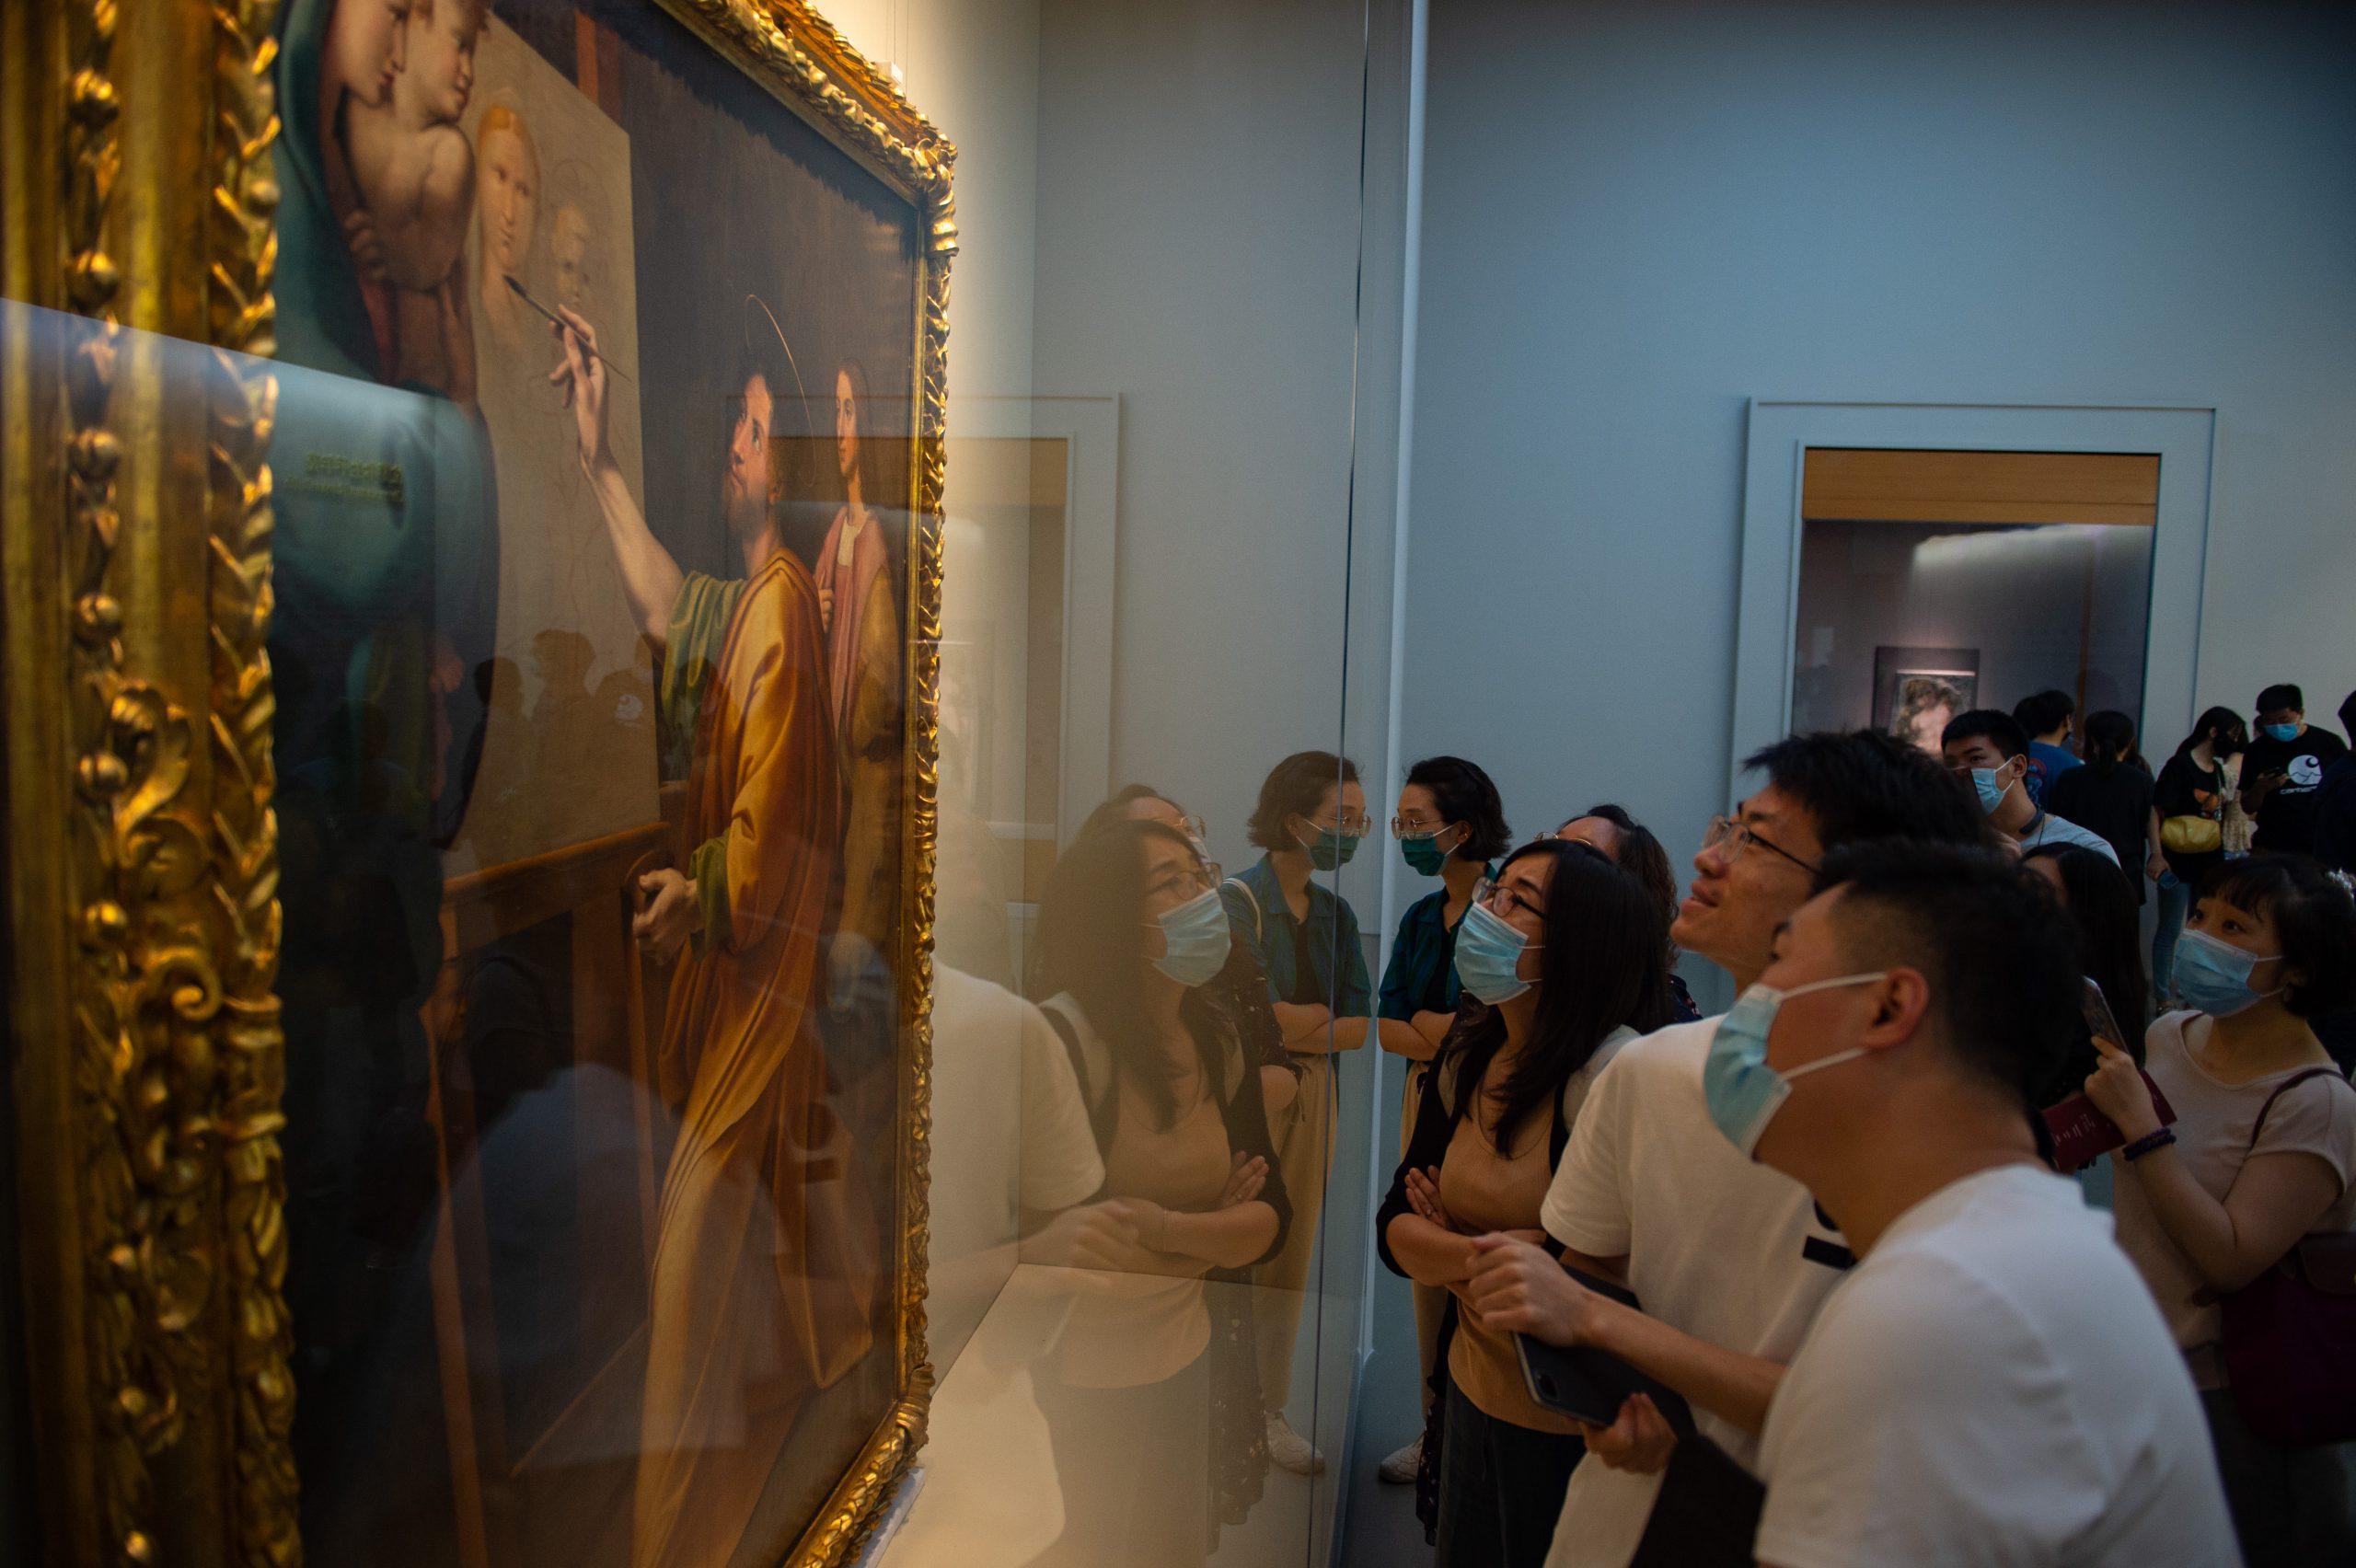 Beijing cancelará exposiciones y eventos durante agosto debido a COVID-19